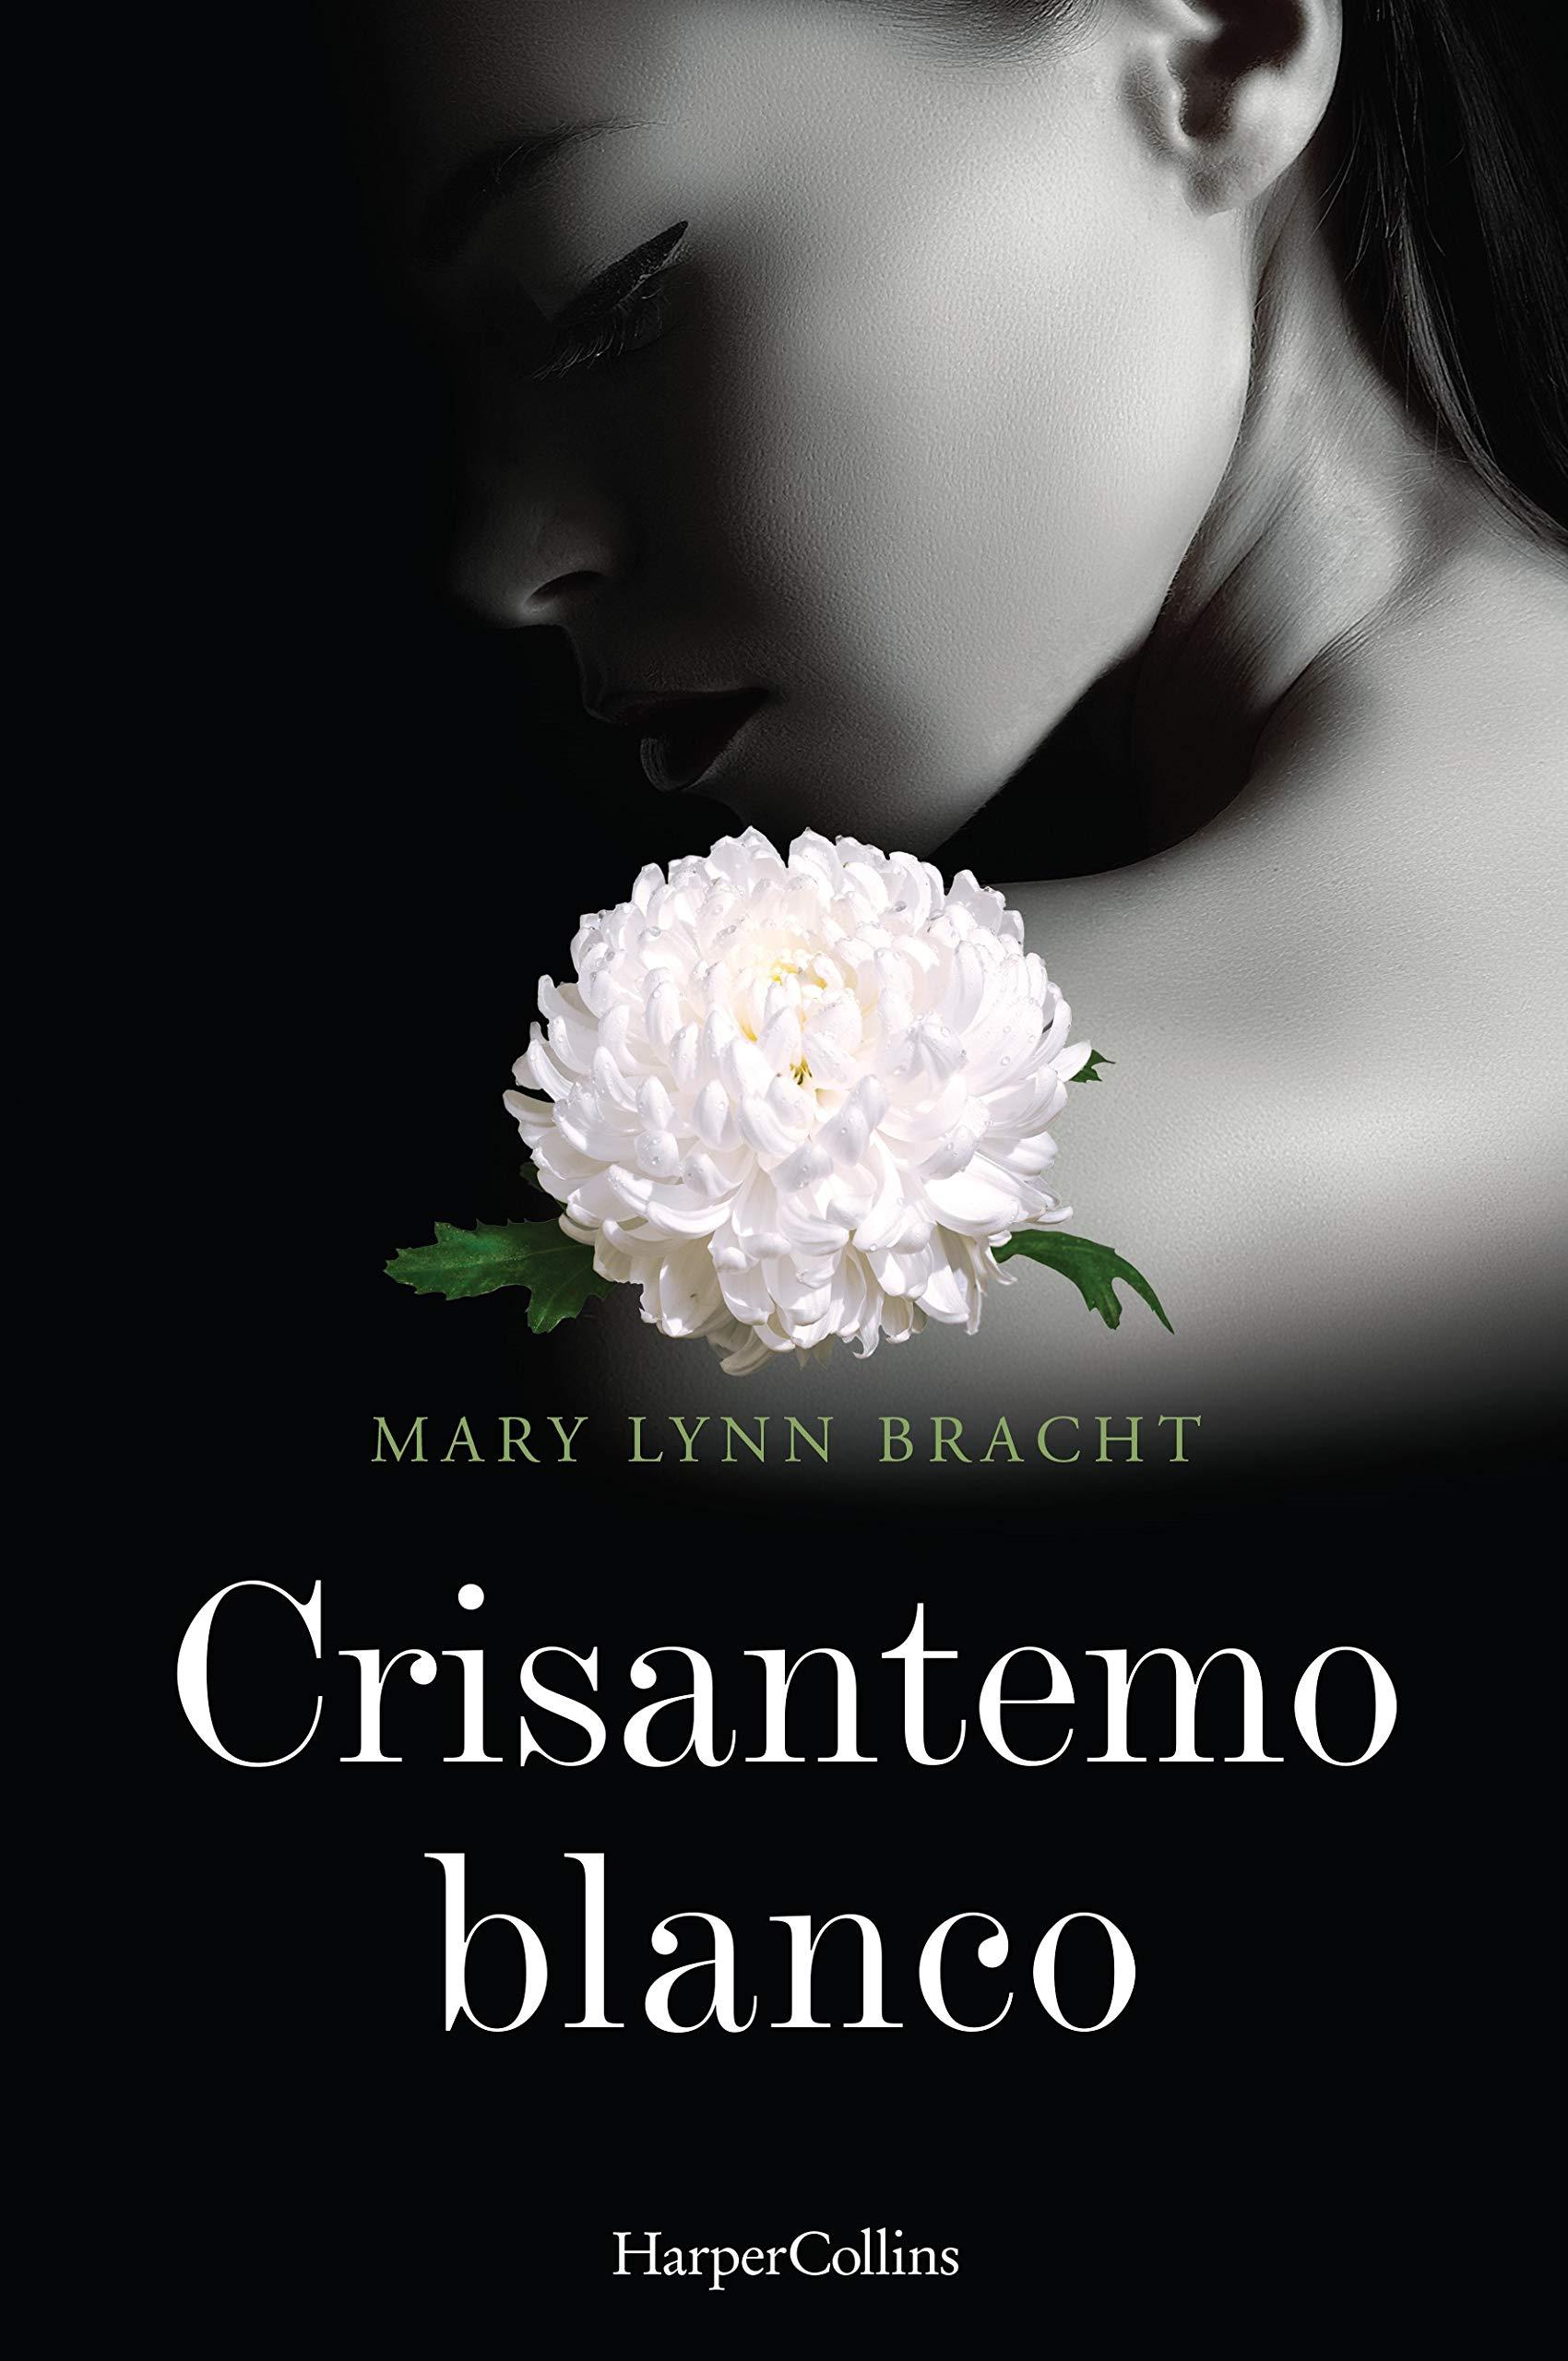 Crisantemo blanco Book Cover